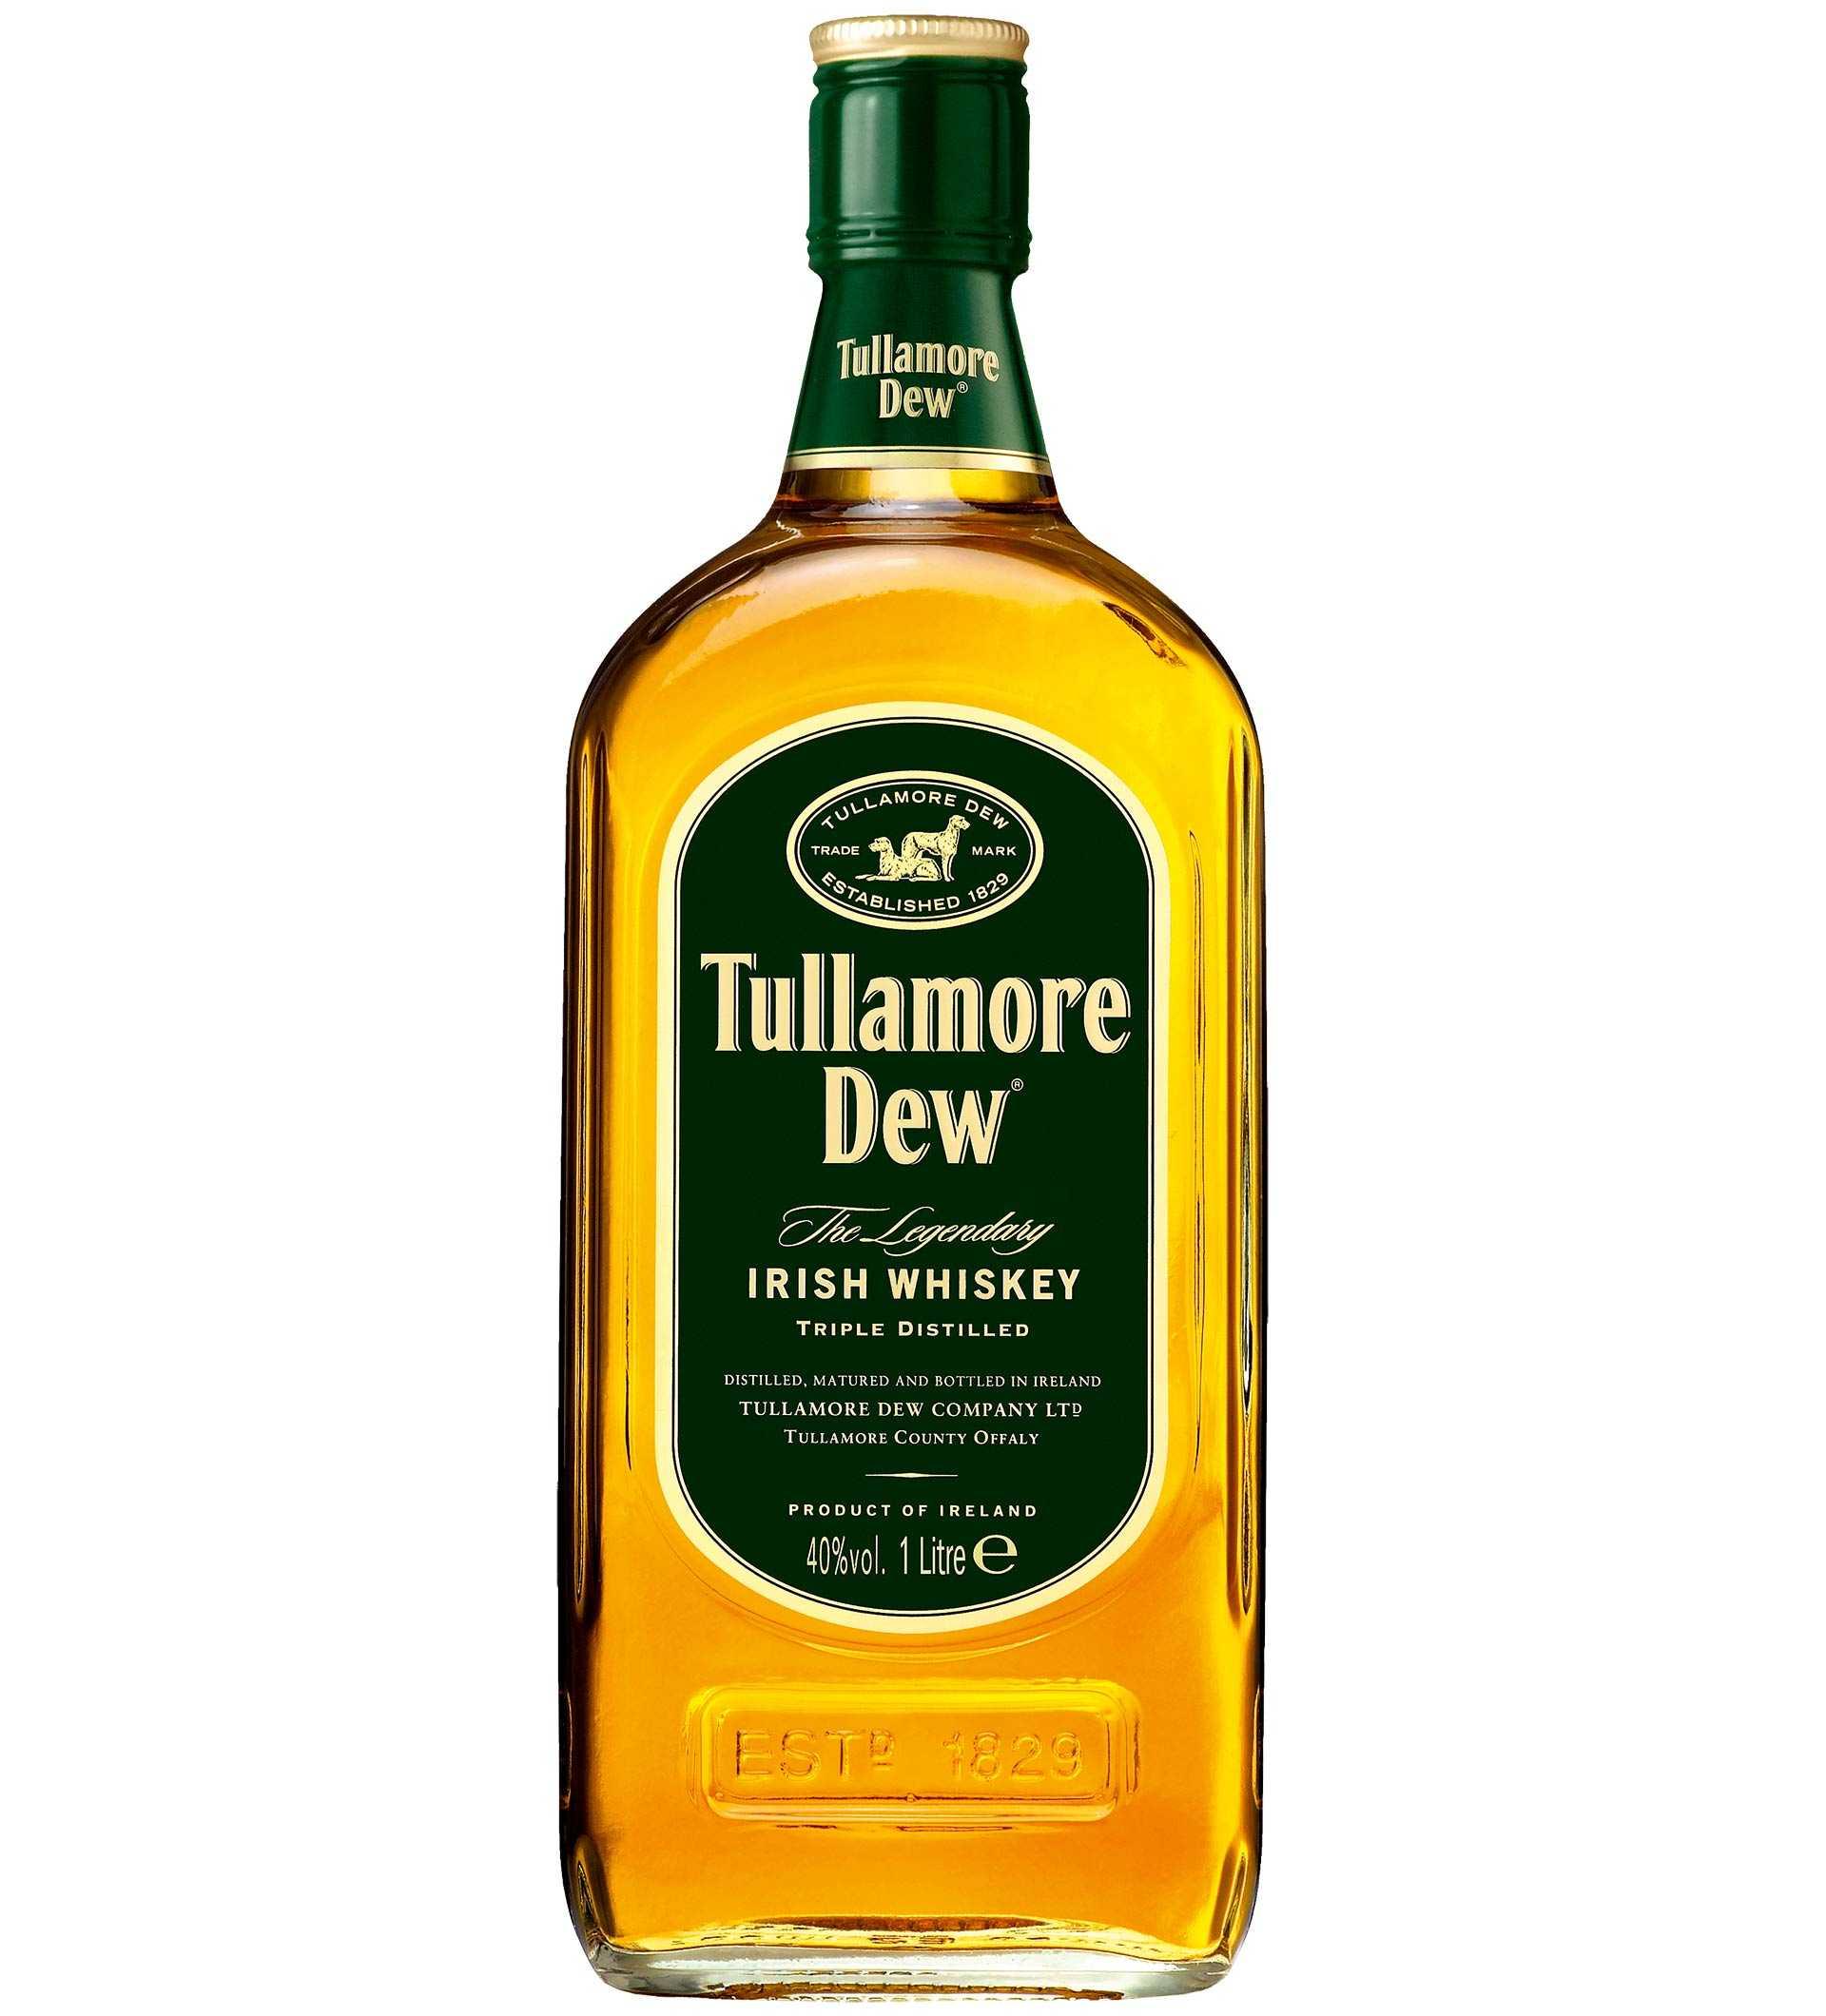 Напиток из сердца ирландии - настоящий виски для ценителей. как отличить подделку tullamore dew?